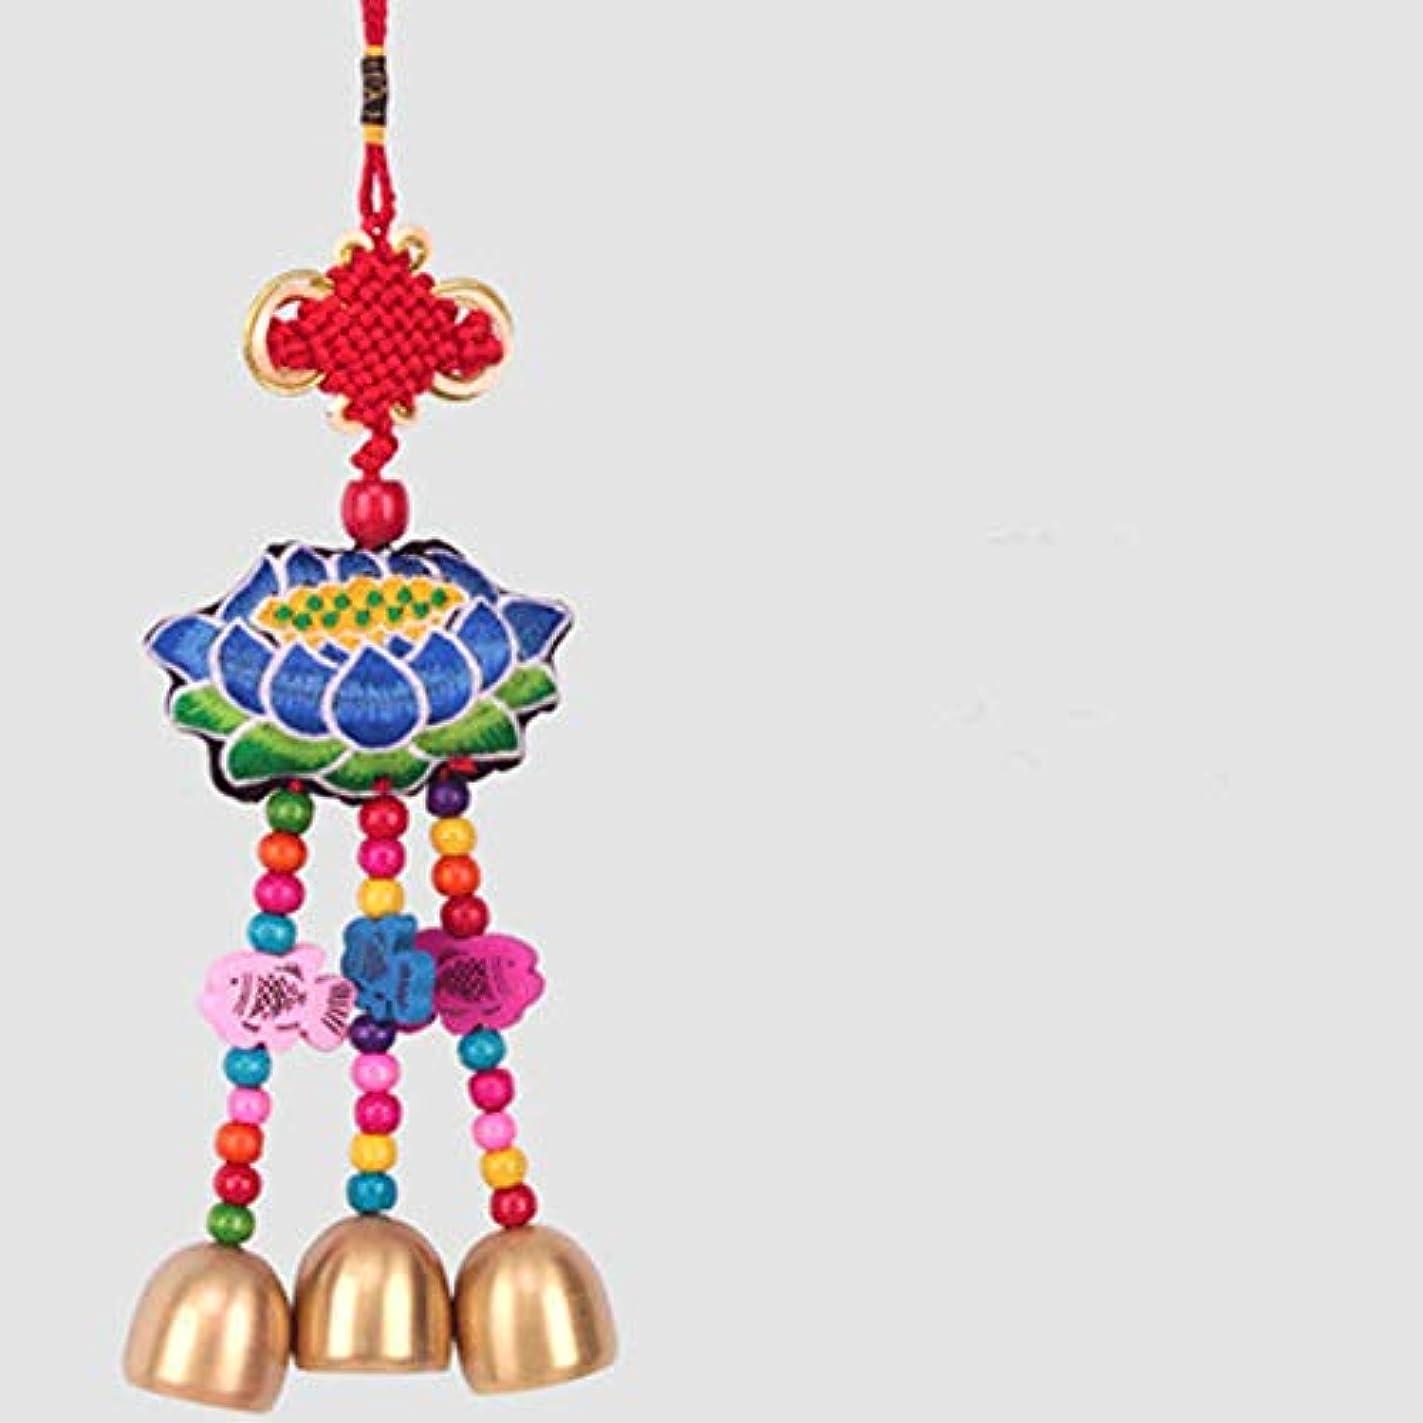 粗い愛観客Kaiyitong01 Small Wind Chimes、中華風刺繍工芸品、14スタイル、ワンピース,絶妙なファッション (Color : 10)